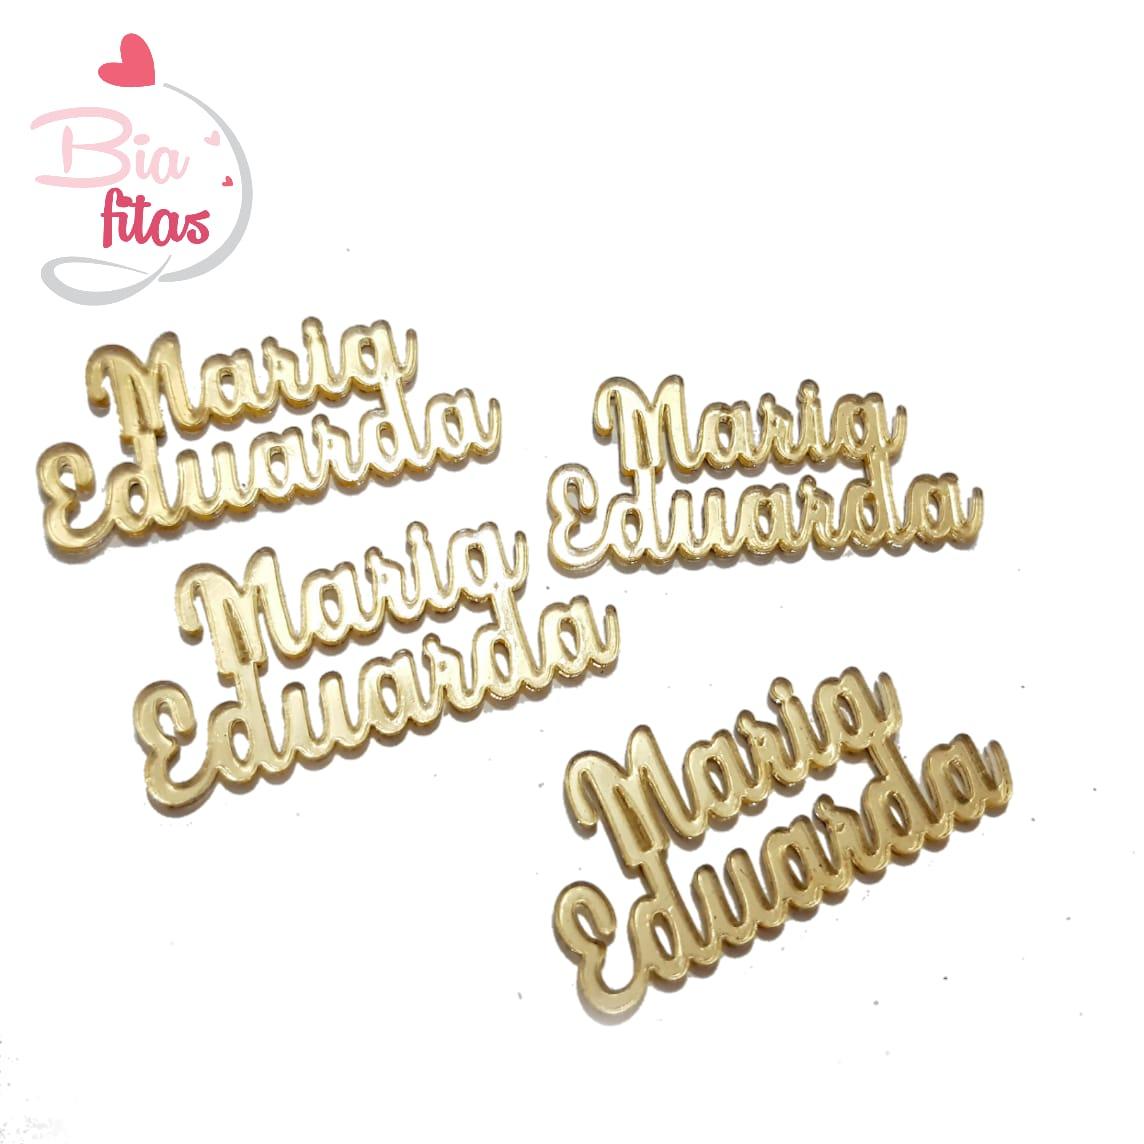 Nome Composto em Acrilico Dourado Espelhado - Maria Eduarda